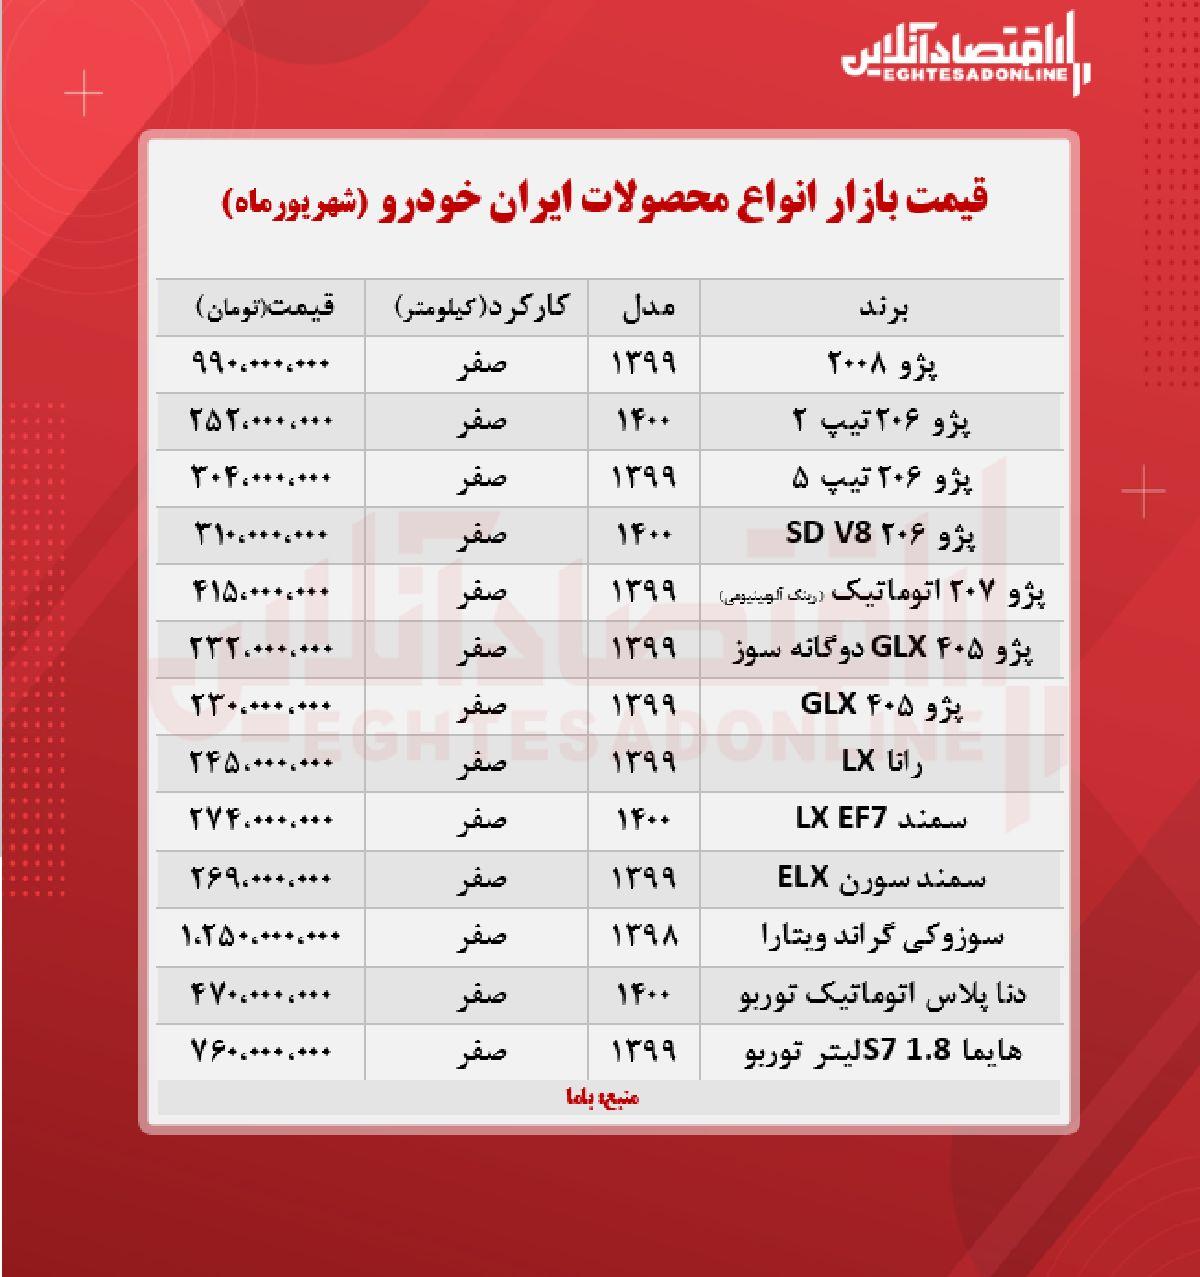 قیمت محصولات ایران خودرو امروز ۱۴۰۰/۶/۲۲